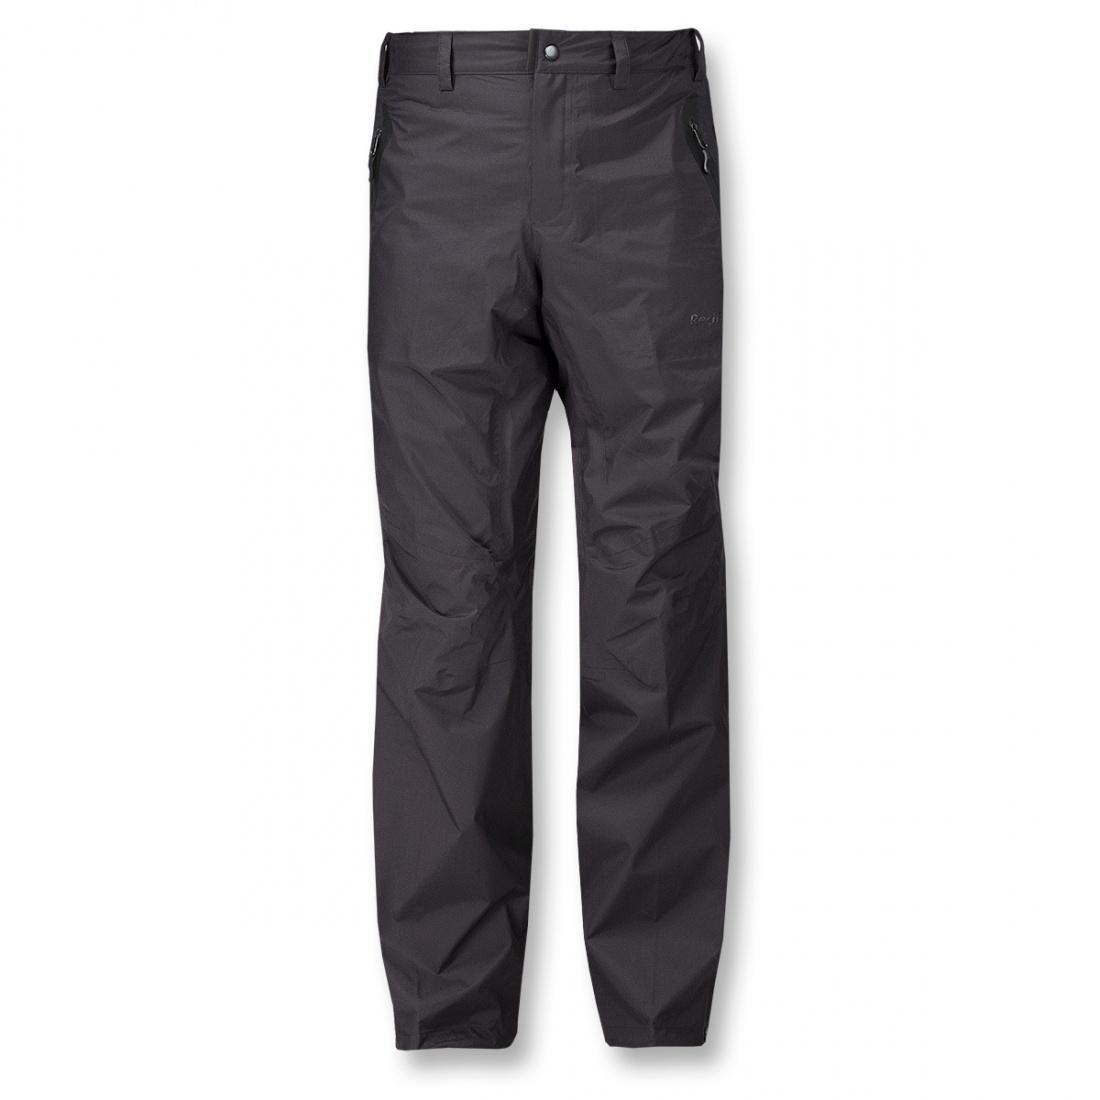 Брюки ветрозащитные Kara-Su 08Брюки, штаны<br>Очень легкие современные штормовые брюки Red Fox Kara-Su 08 из серии Nordic Style, помещающиеся даже в карман куртки, созданы в дополнение к куртке &lt;a href=/...<br><br>Цвет: Черный<br>Размер: 58